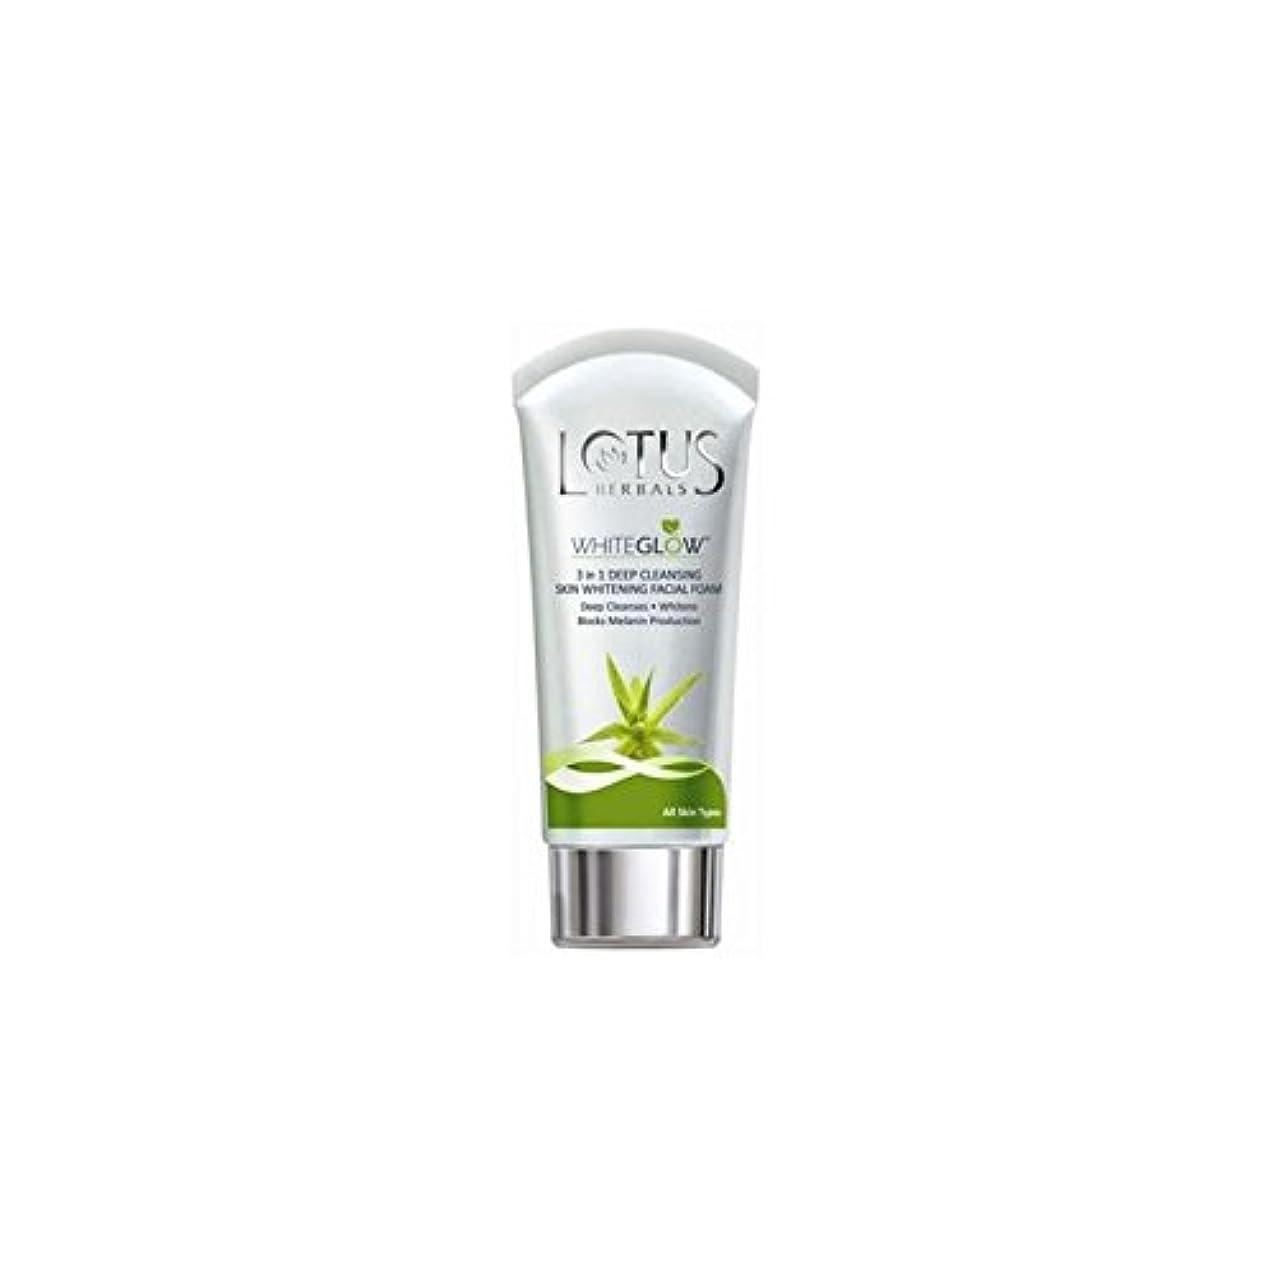 証明書拾う傭兵Lotus Herbals 3-in-1 Deep Cleansing Skin Whitening Facial Foam - Whiteglow 50g